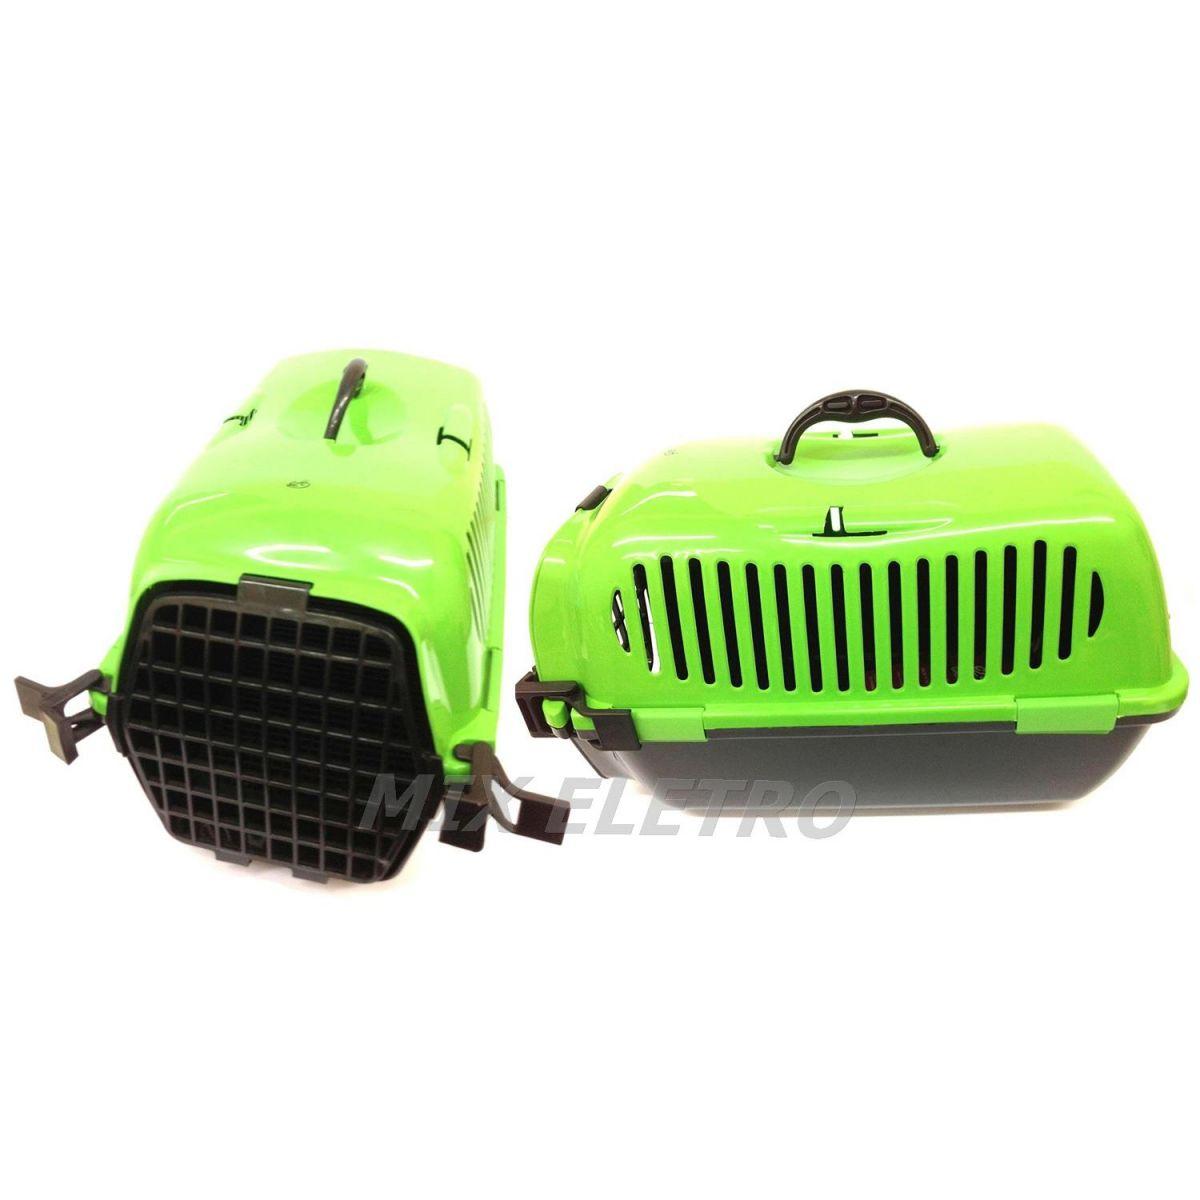 Caixa De Transporte Pet Para Cachorro E Gato Tamanho: 58 x 35 x 37cm CLC  - Mix Eletro